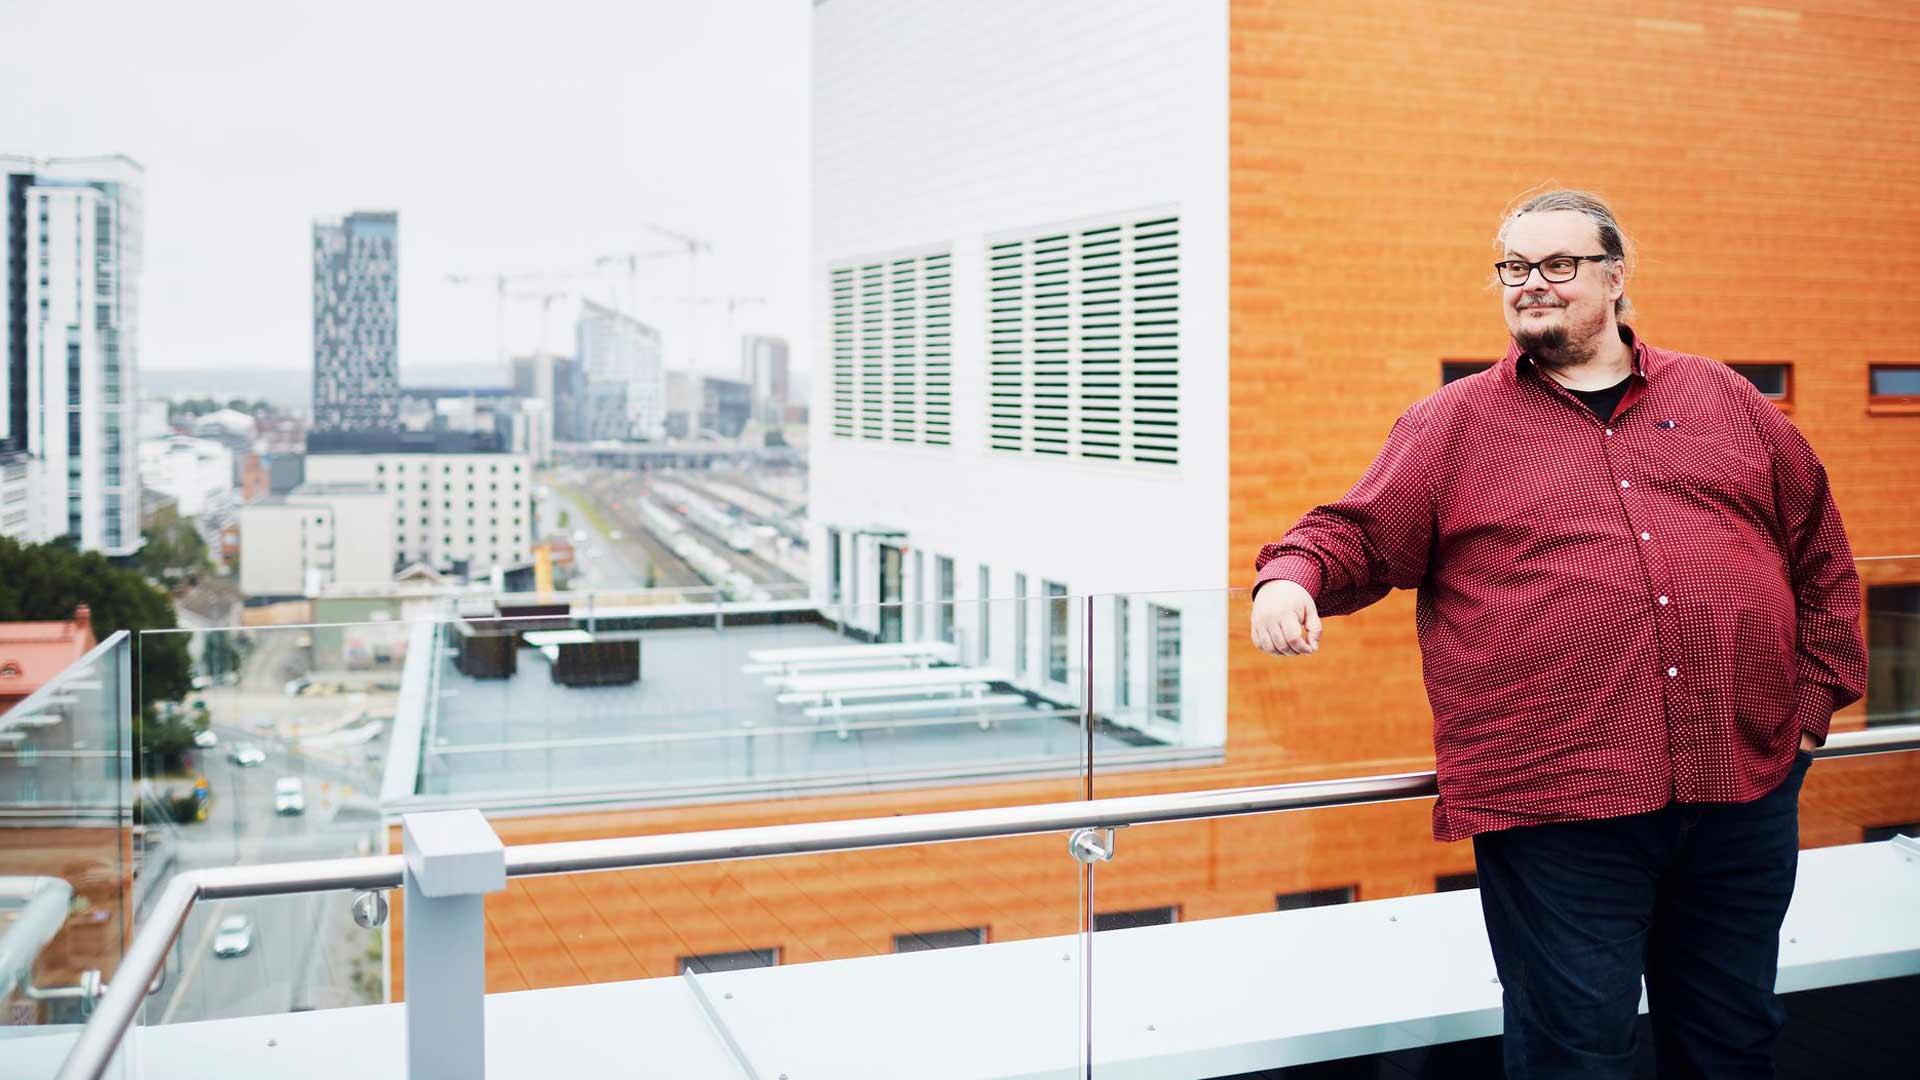 Solitan toimitilat sijaitsevat Tampereen tuliterässä Technopoliksessa. Sami Köykkä kertoo, että Solitassakin tehdään nyt koronan takia pääosin etätöitä. Tammikuussa valmistuneet toimitilat ovat lähes tyhjillään.